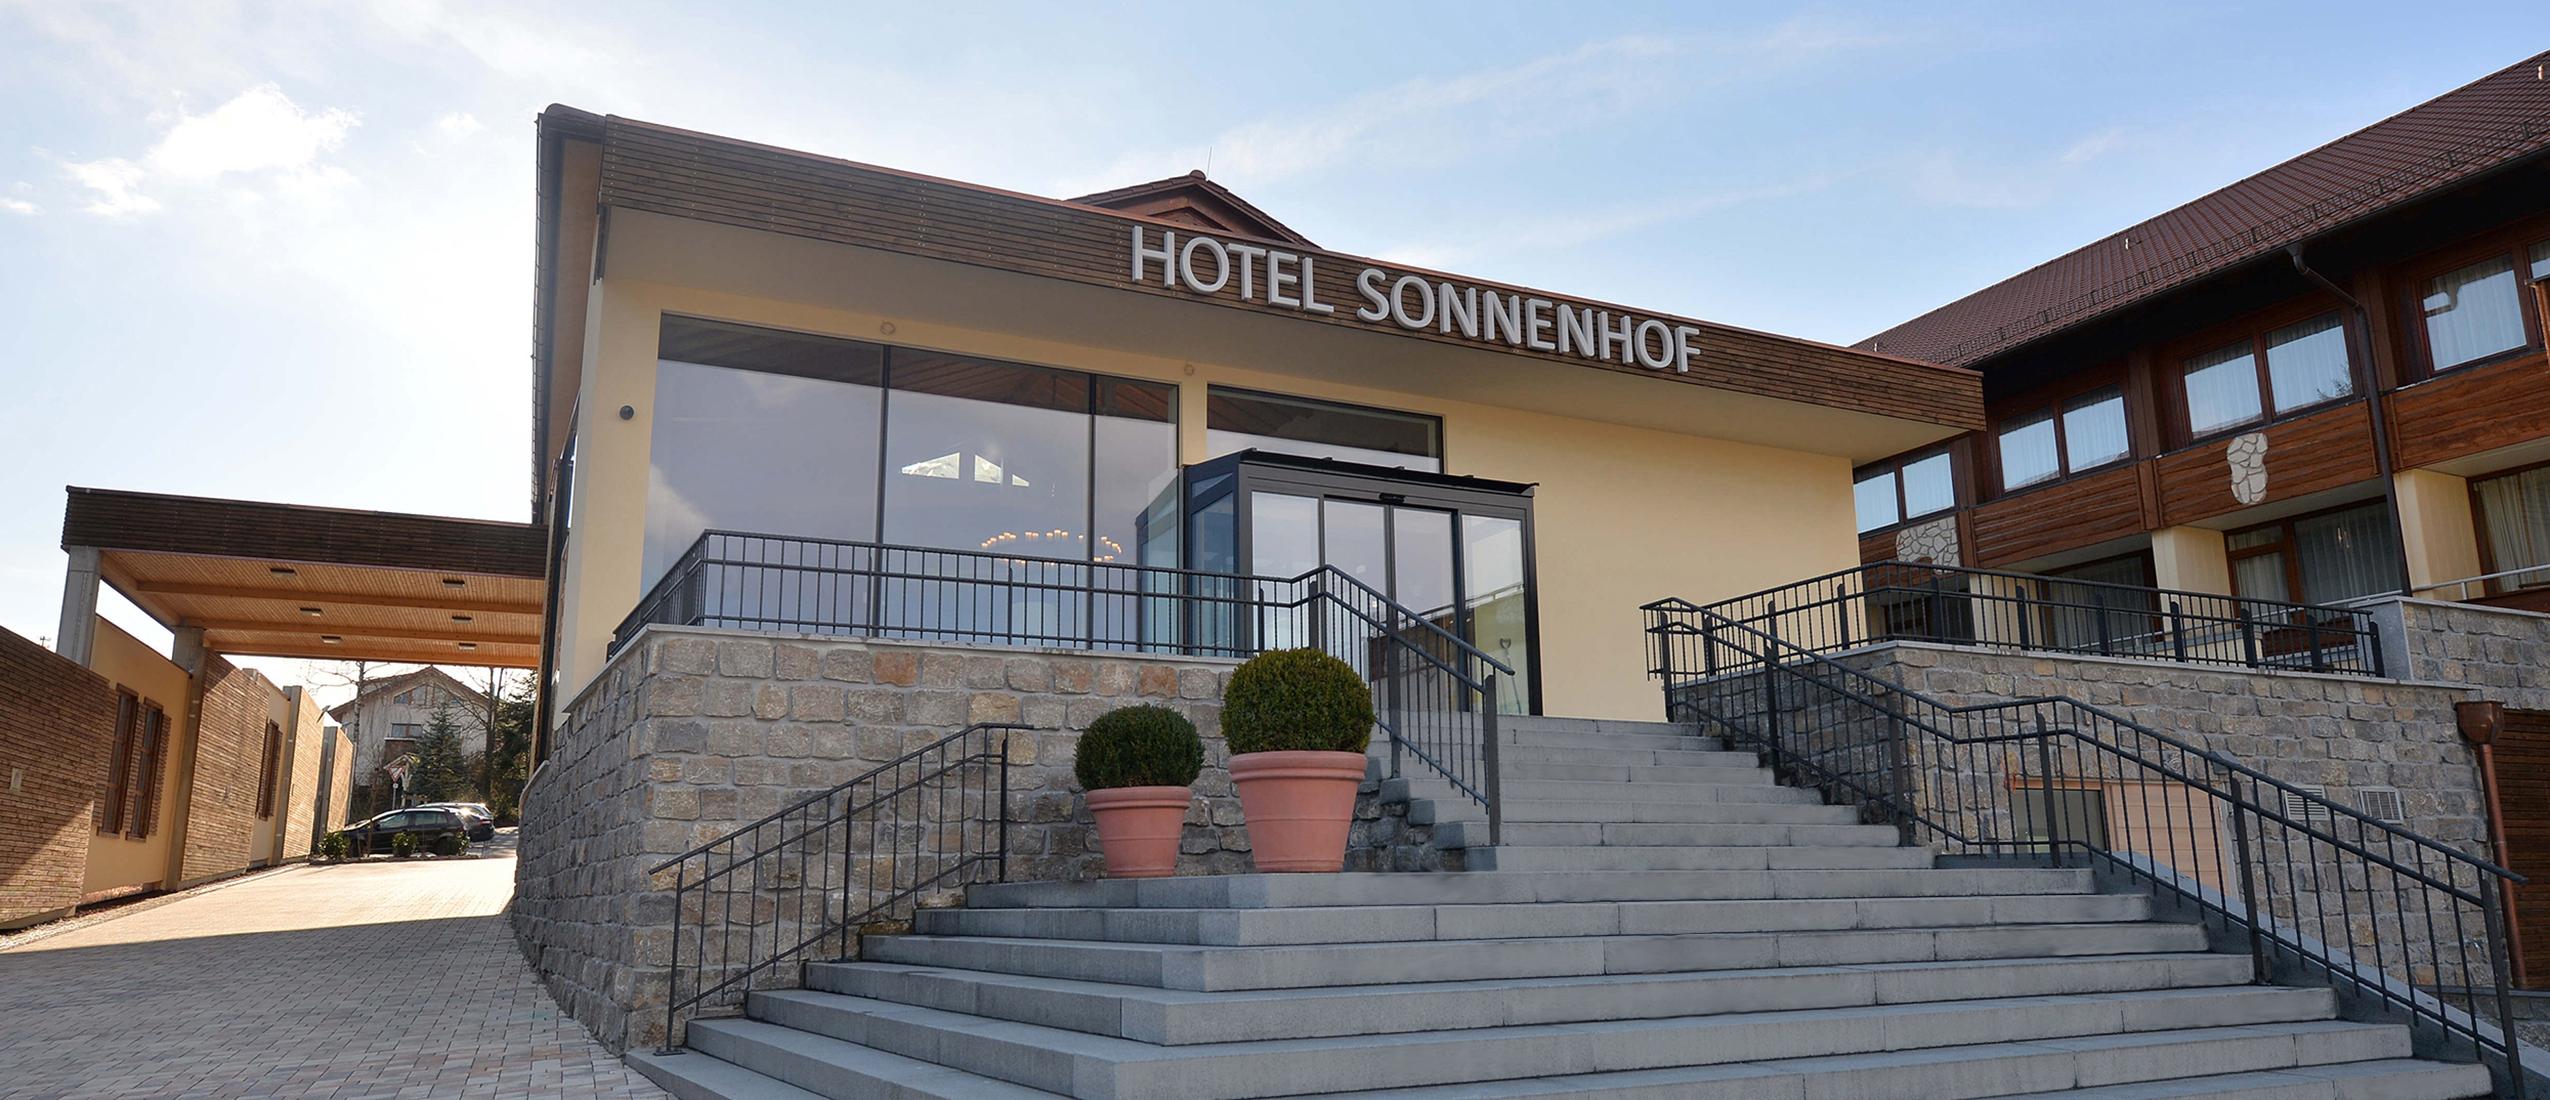 Hotel Sonnenhof in Aspach • HolidayCheck | Baden